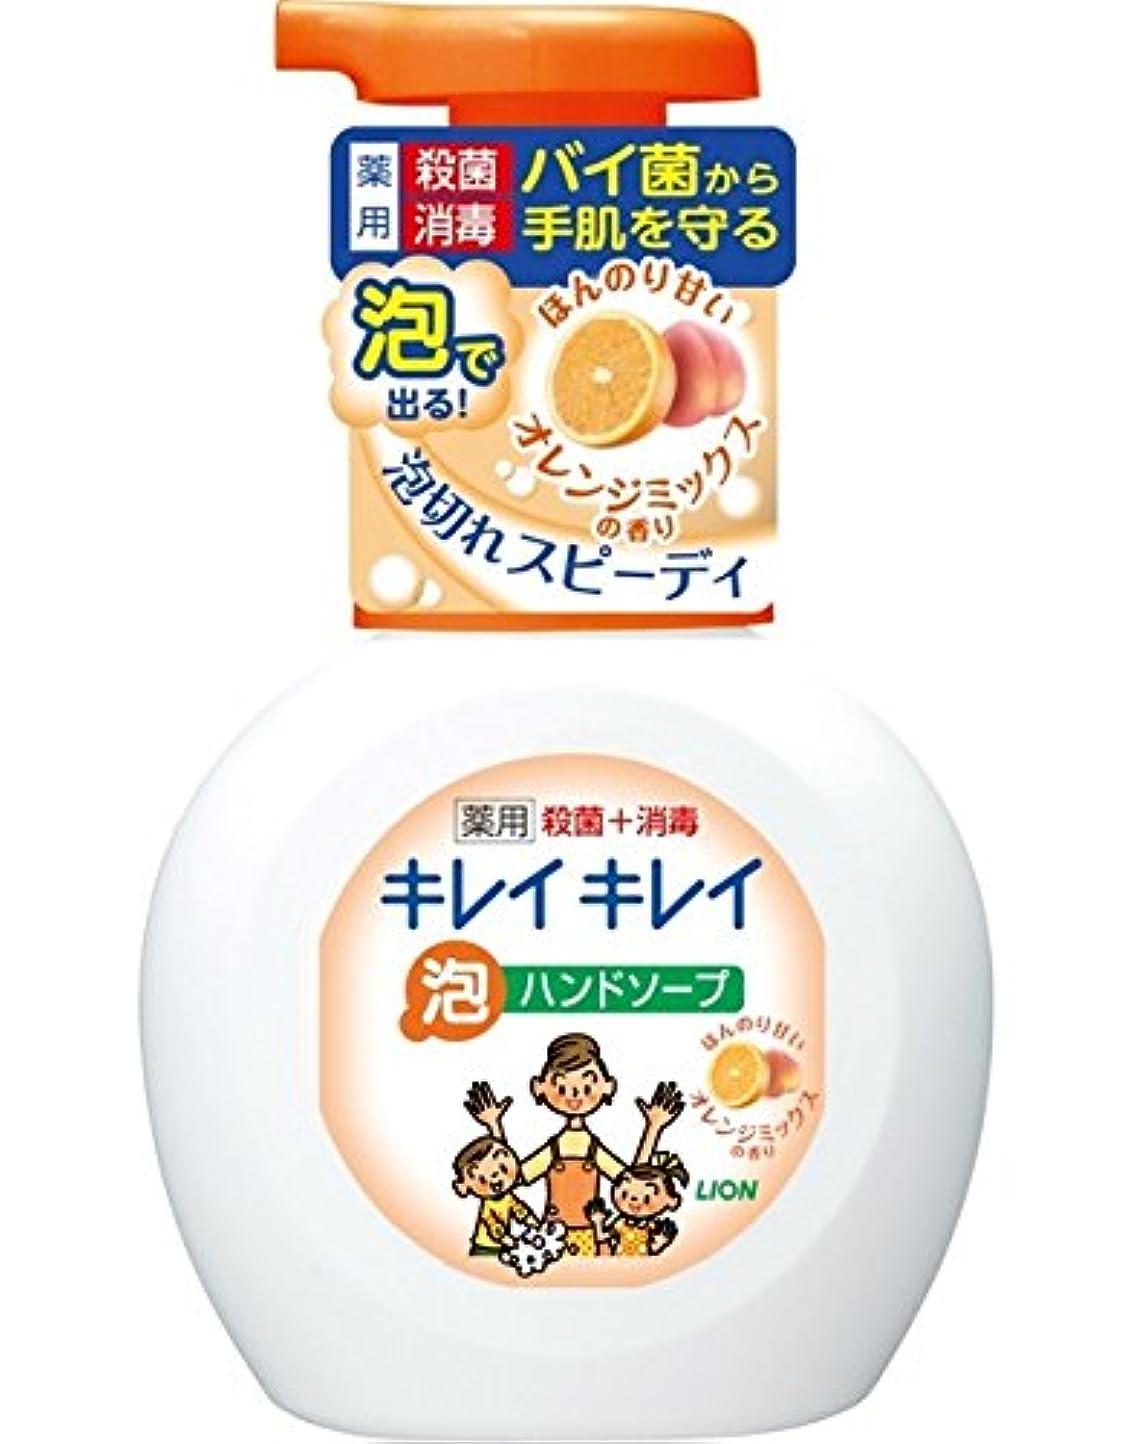 無限大英語の授業があります水族館キレイキレイ薬用泡ハンドソープオレンジミックスの香りポンプ250mL